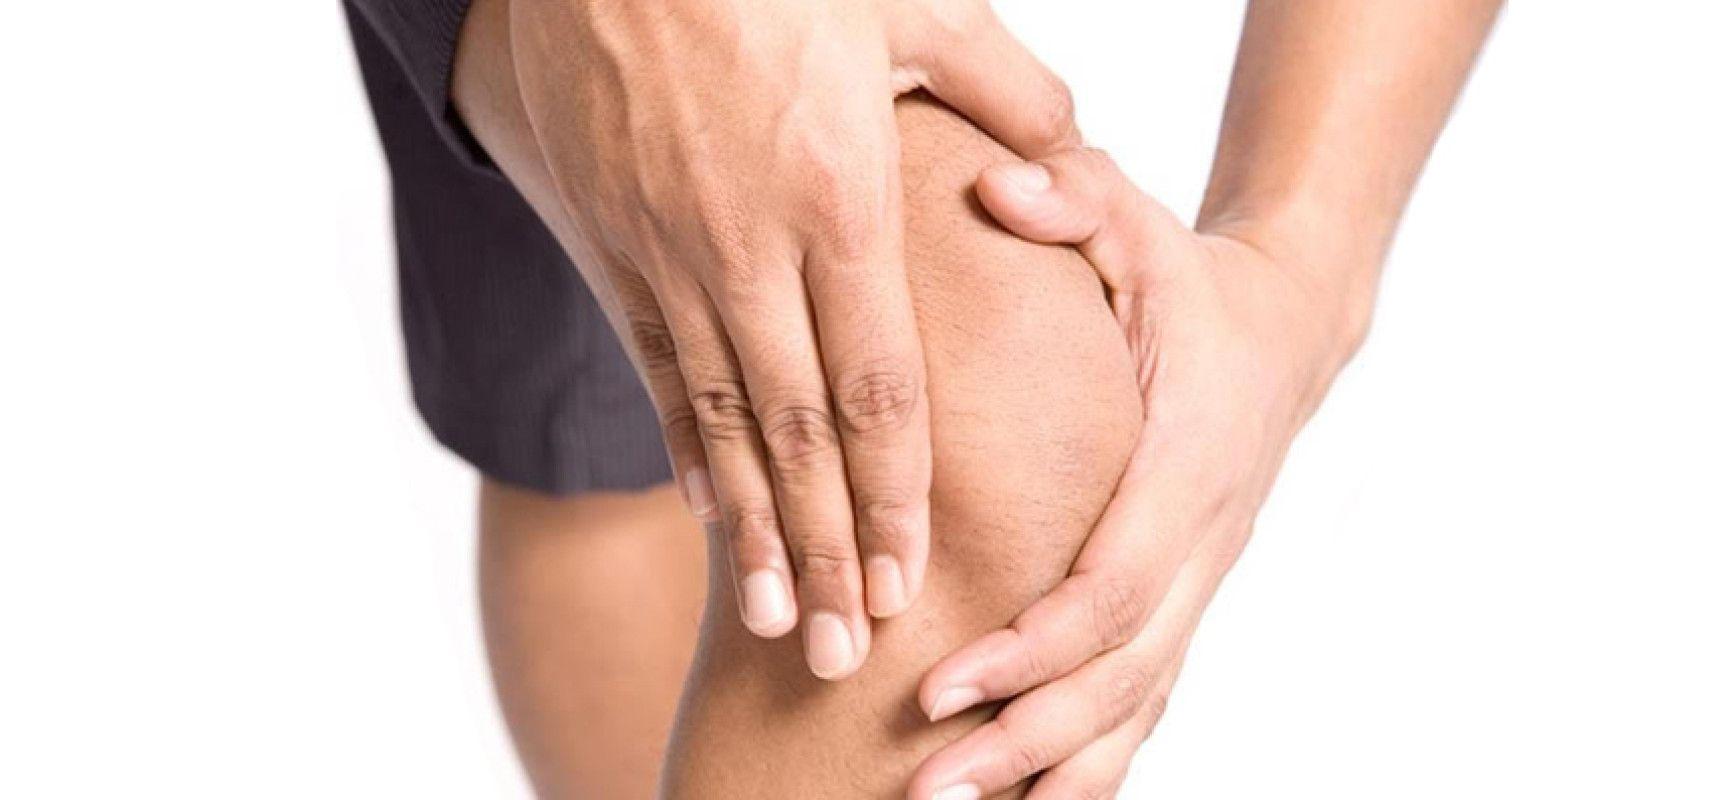 Смещение коленного сустава симптомы и лечение